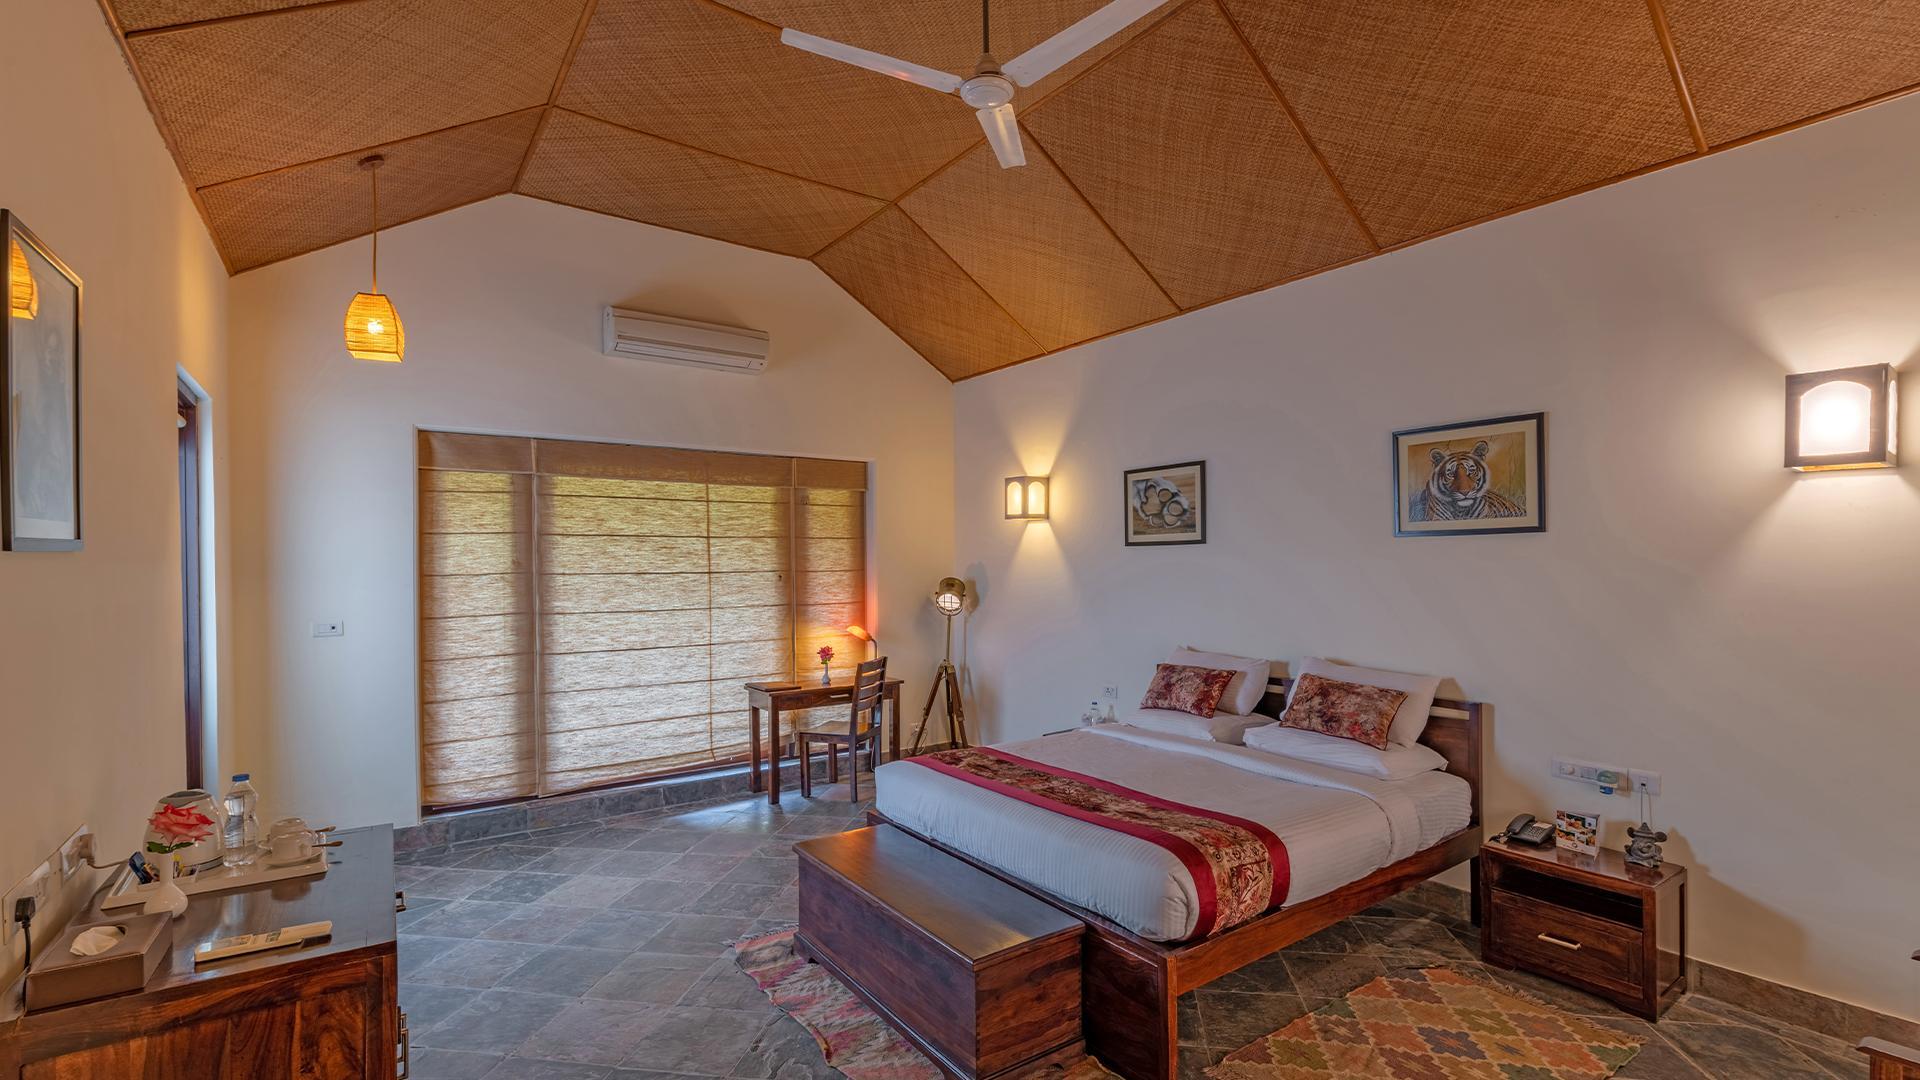 Regal Room image 1 at Ranthambhore Kothi by Sawai Madhopur, Rajasthan, India